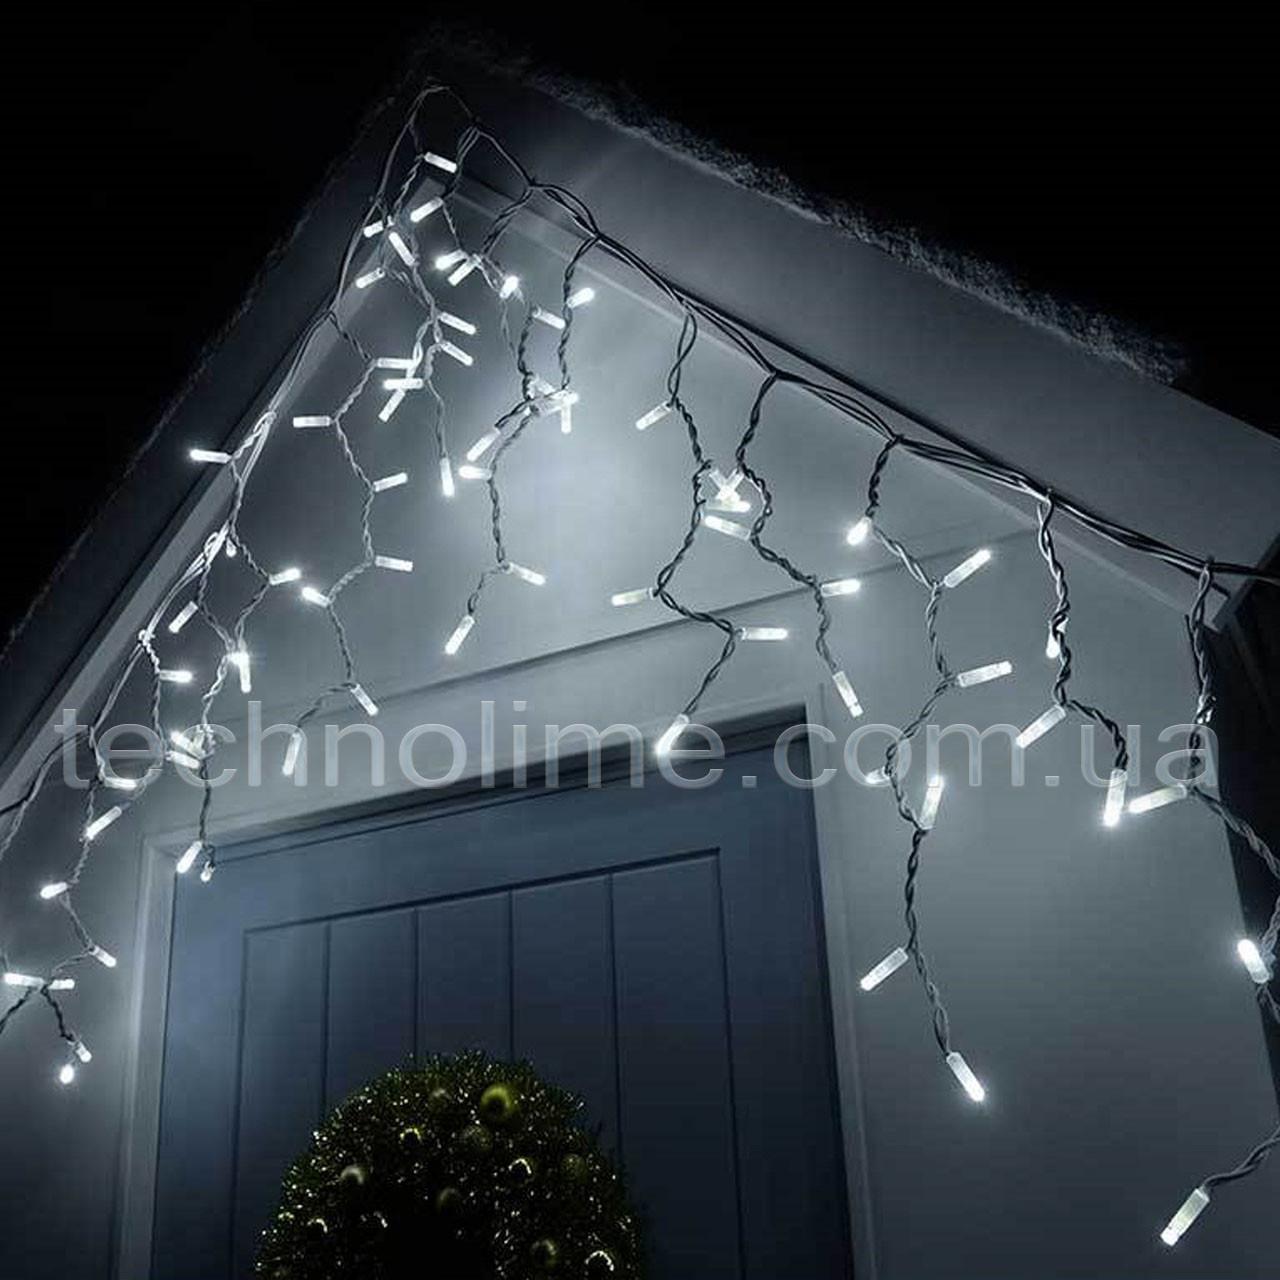 """Гирлянда """"Бахрома"""" 5 м. х 0,6 м уличная, 150 LED (белый, синий, мульти)"""